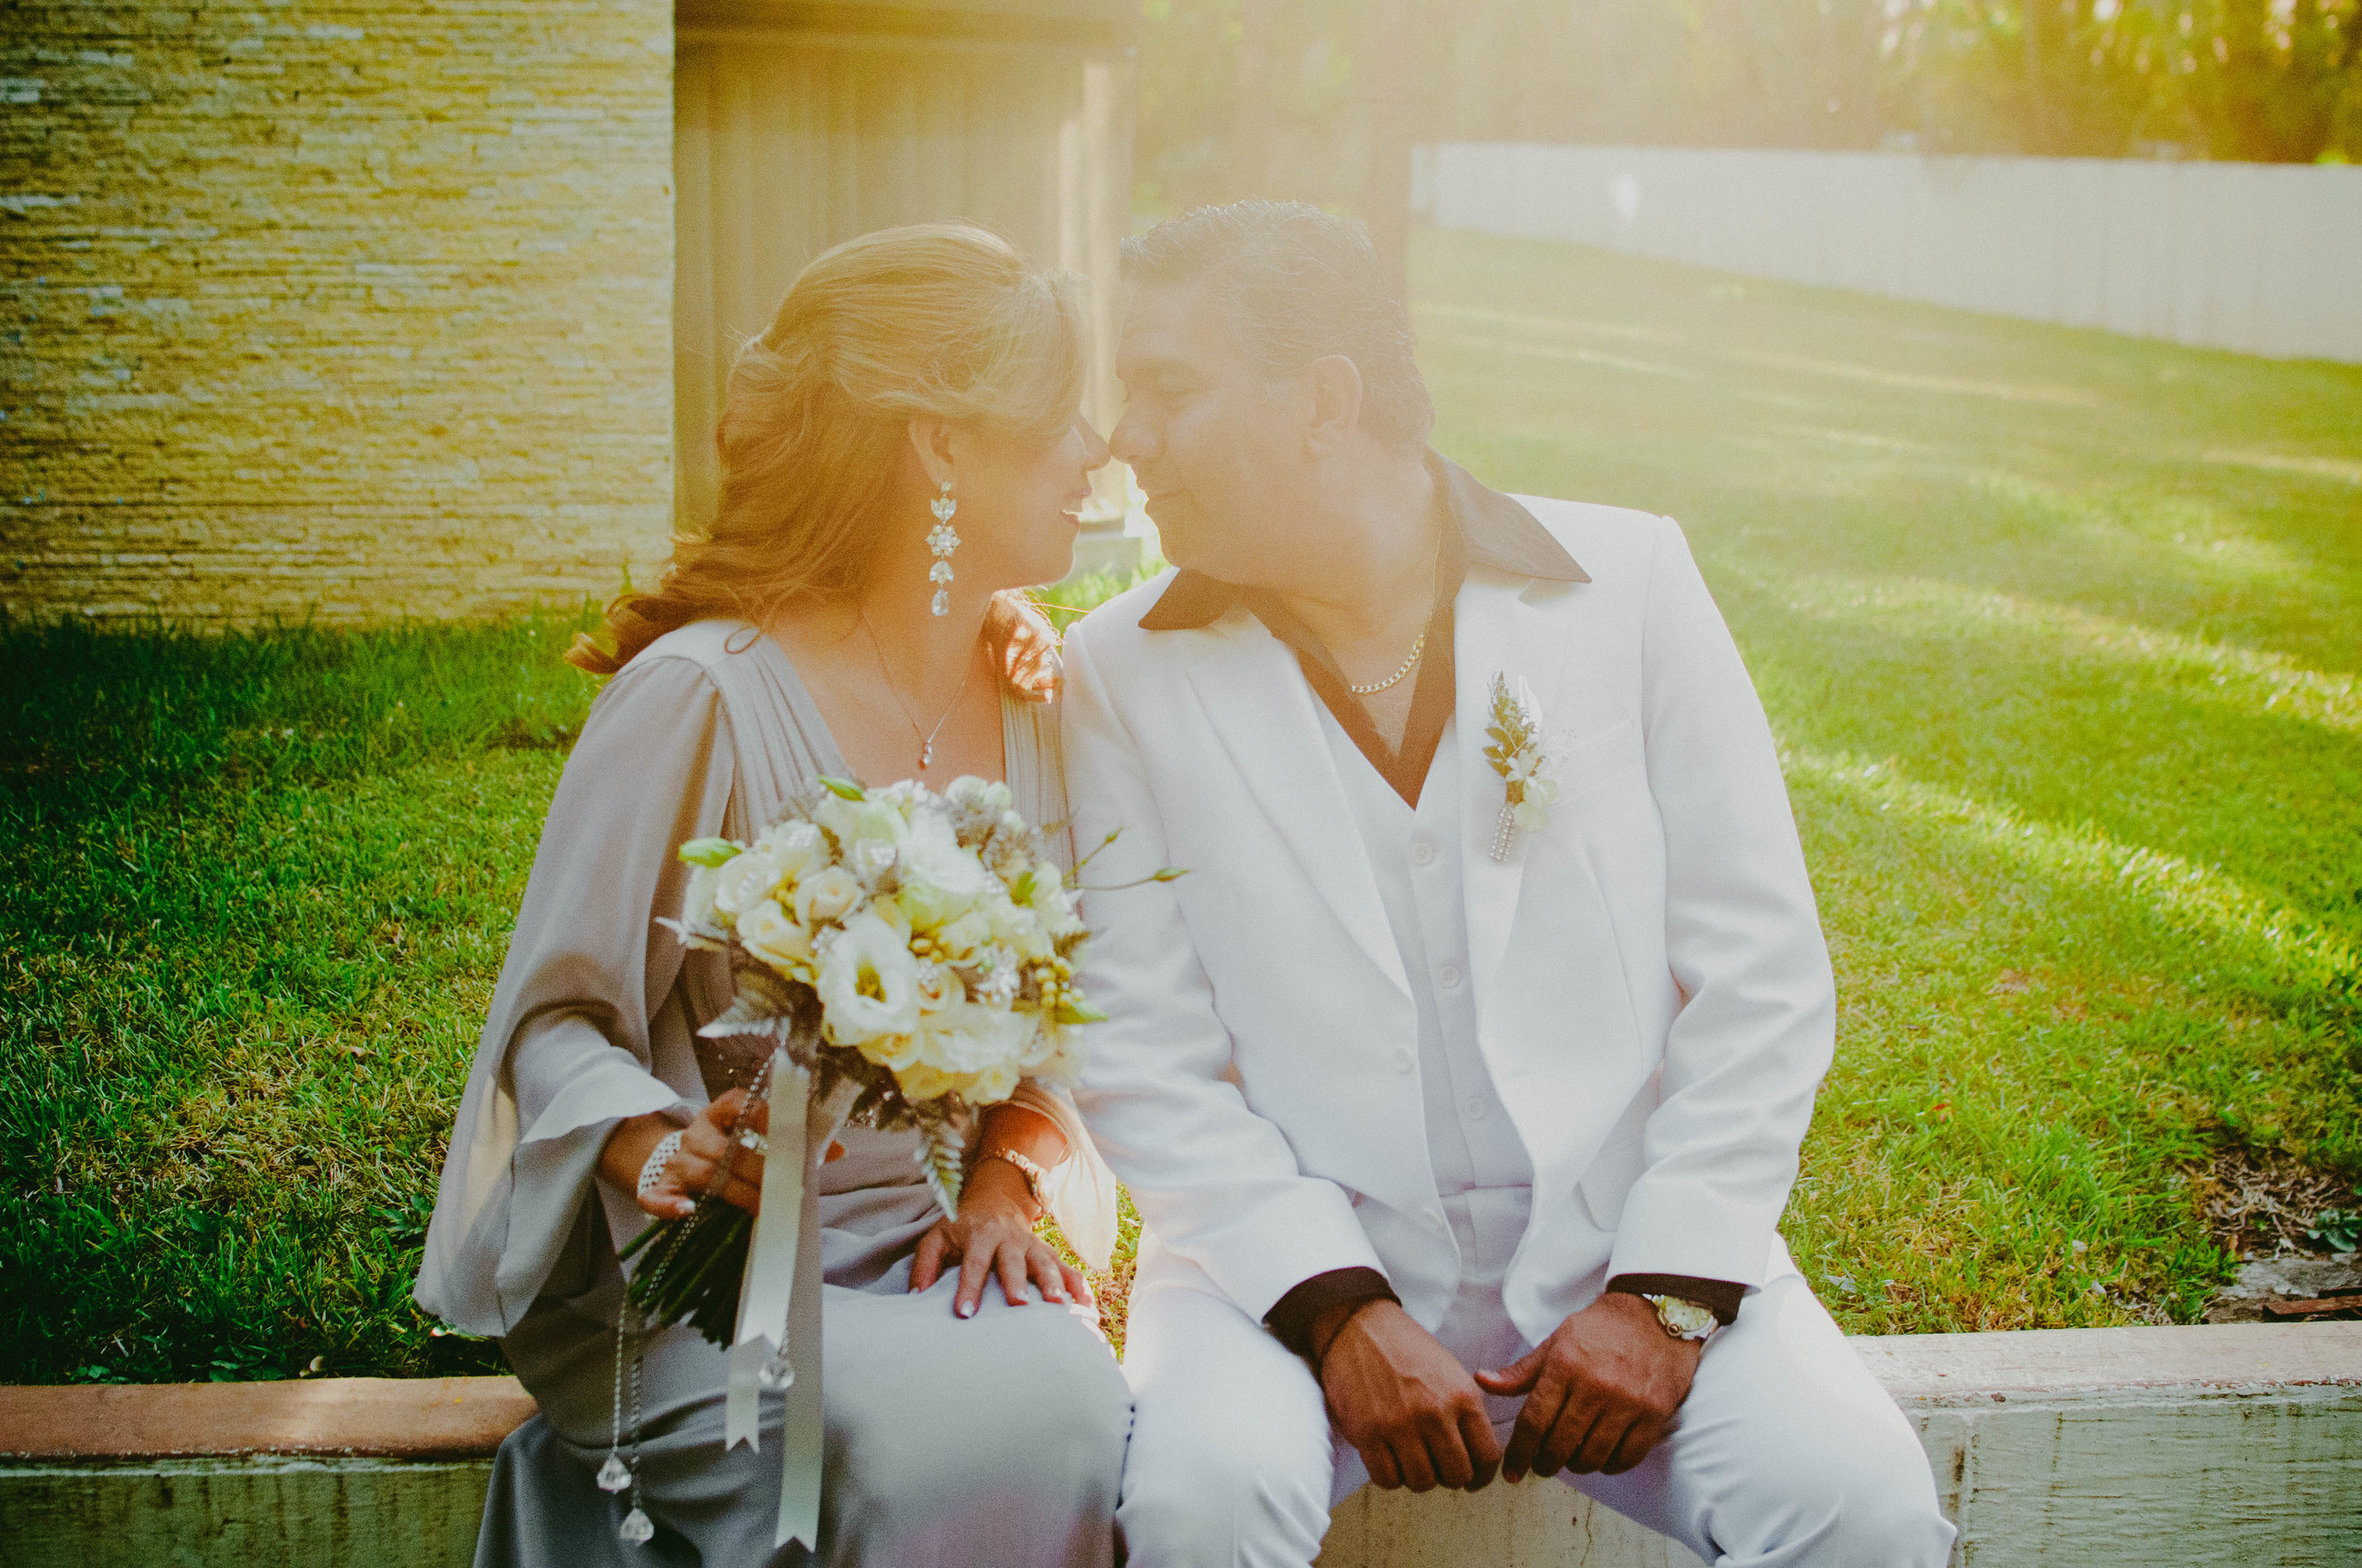 bodas de plata37.jpg